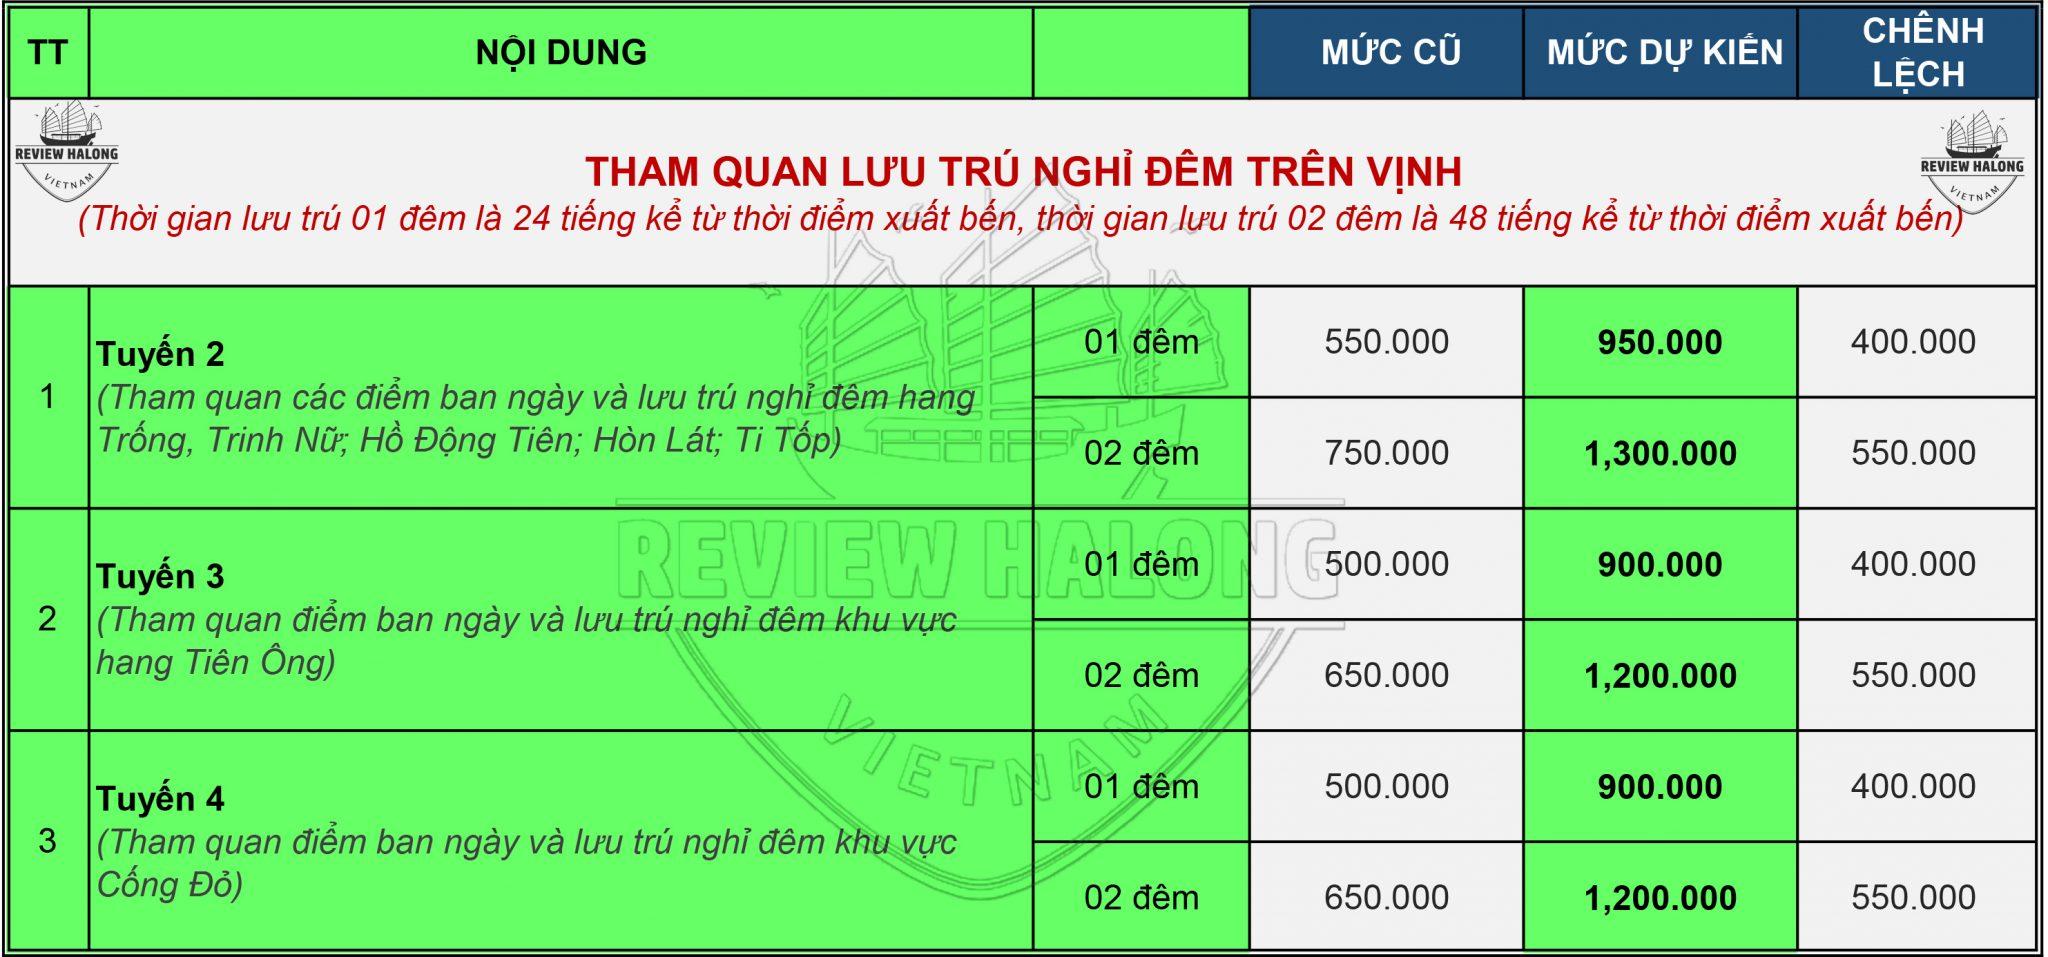 Dự kiến tăng giá vé tham quan vịnh Hạ Long trong vài tháng tới